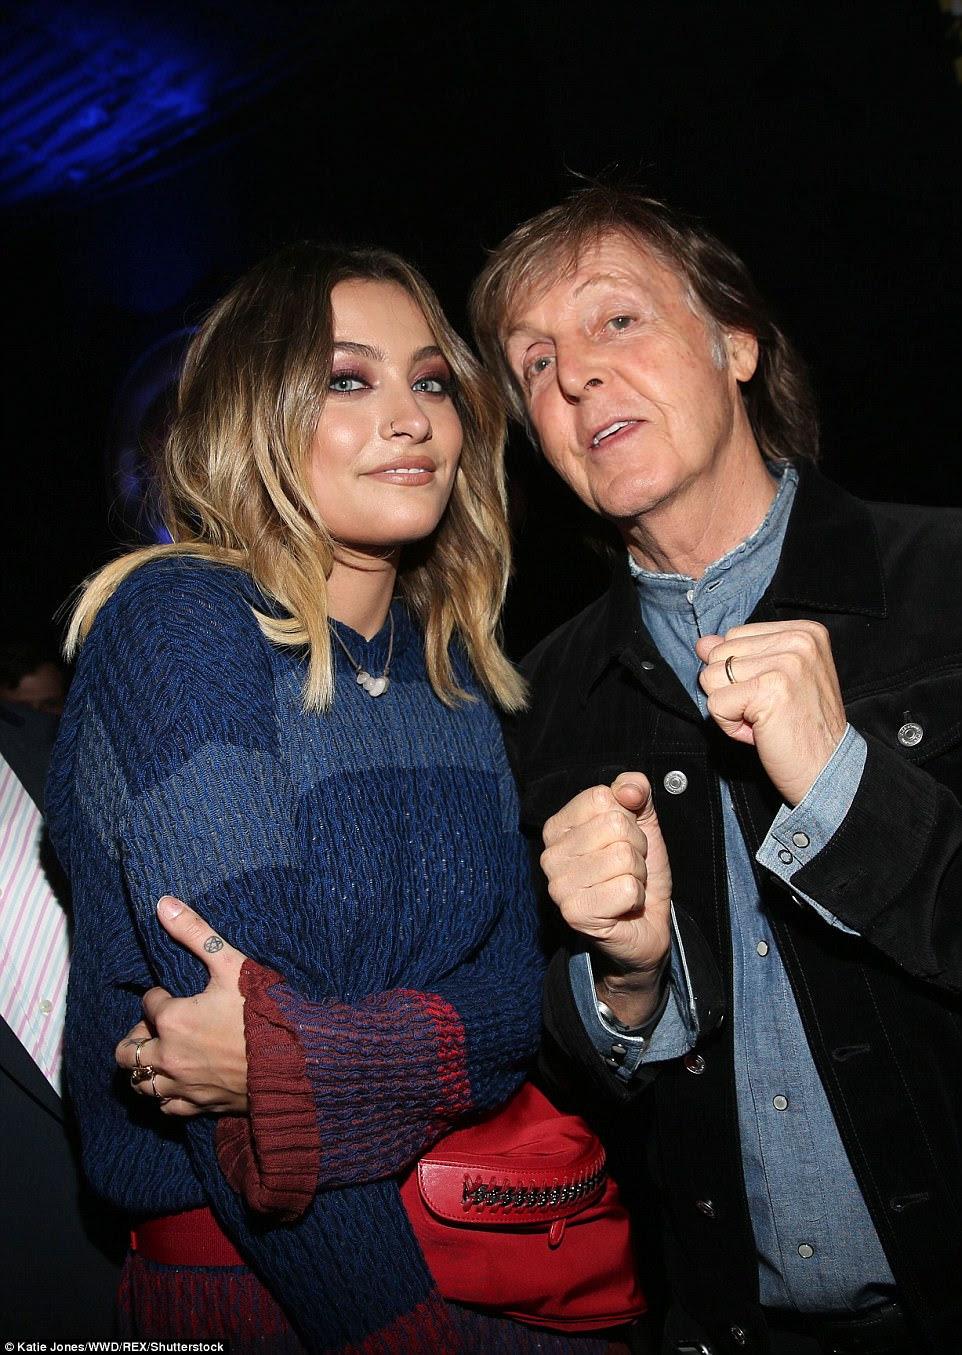 Uma filha de uma lenda com uma lenda: Paris foi fotografada ao lado do pai de Stella, Paul McCartney, que também tomou o palco e se apresentou aquela noite